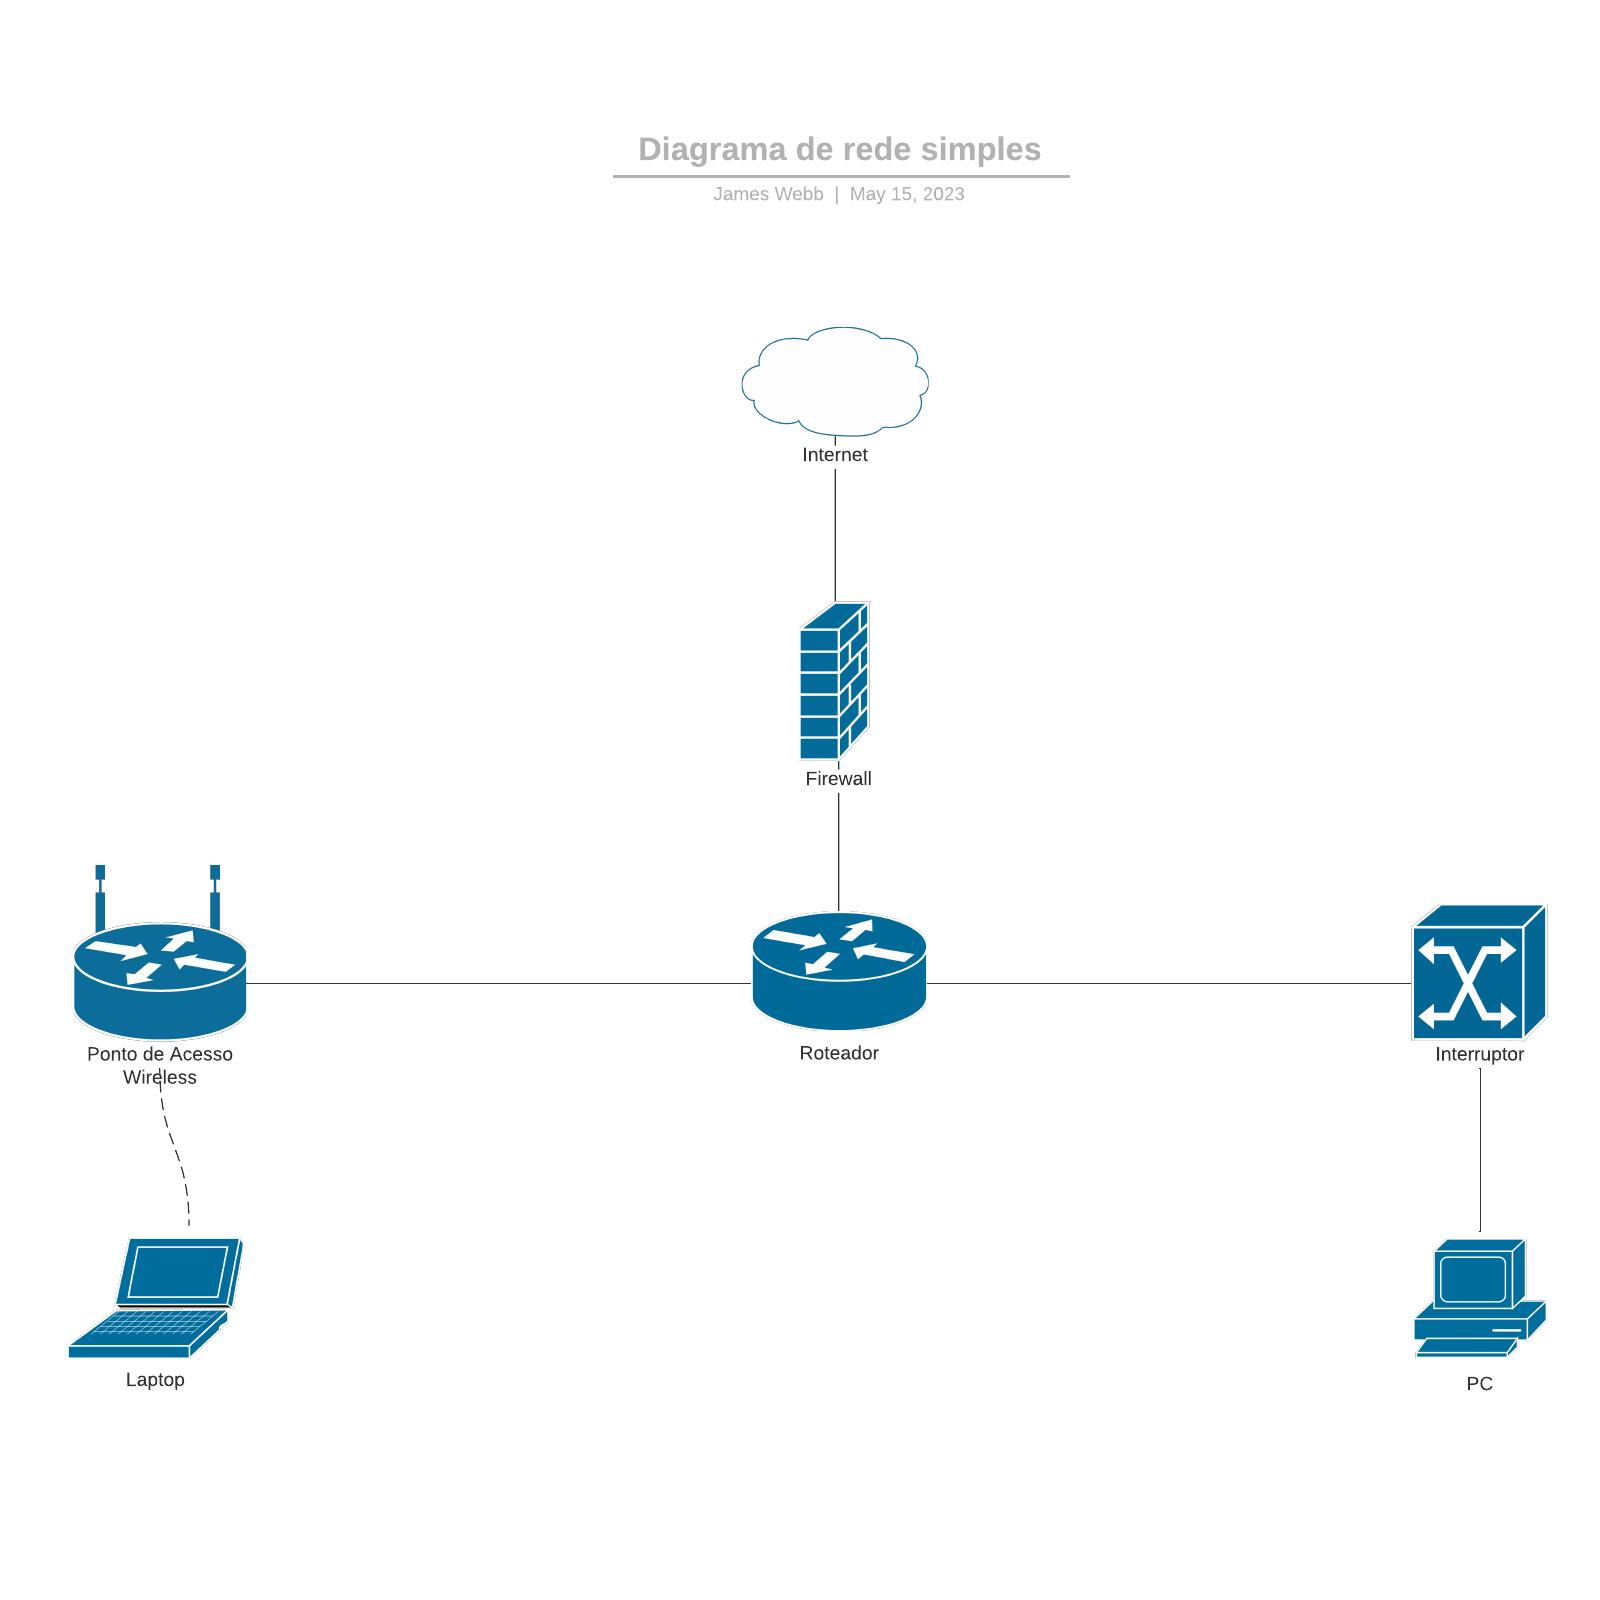 Diagrama de rede simples